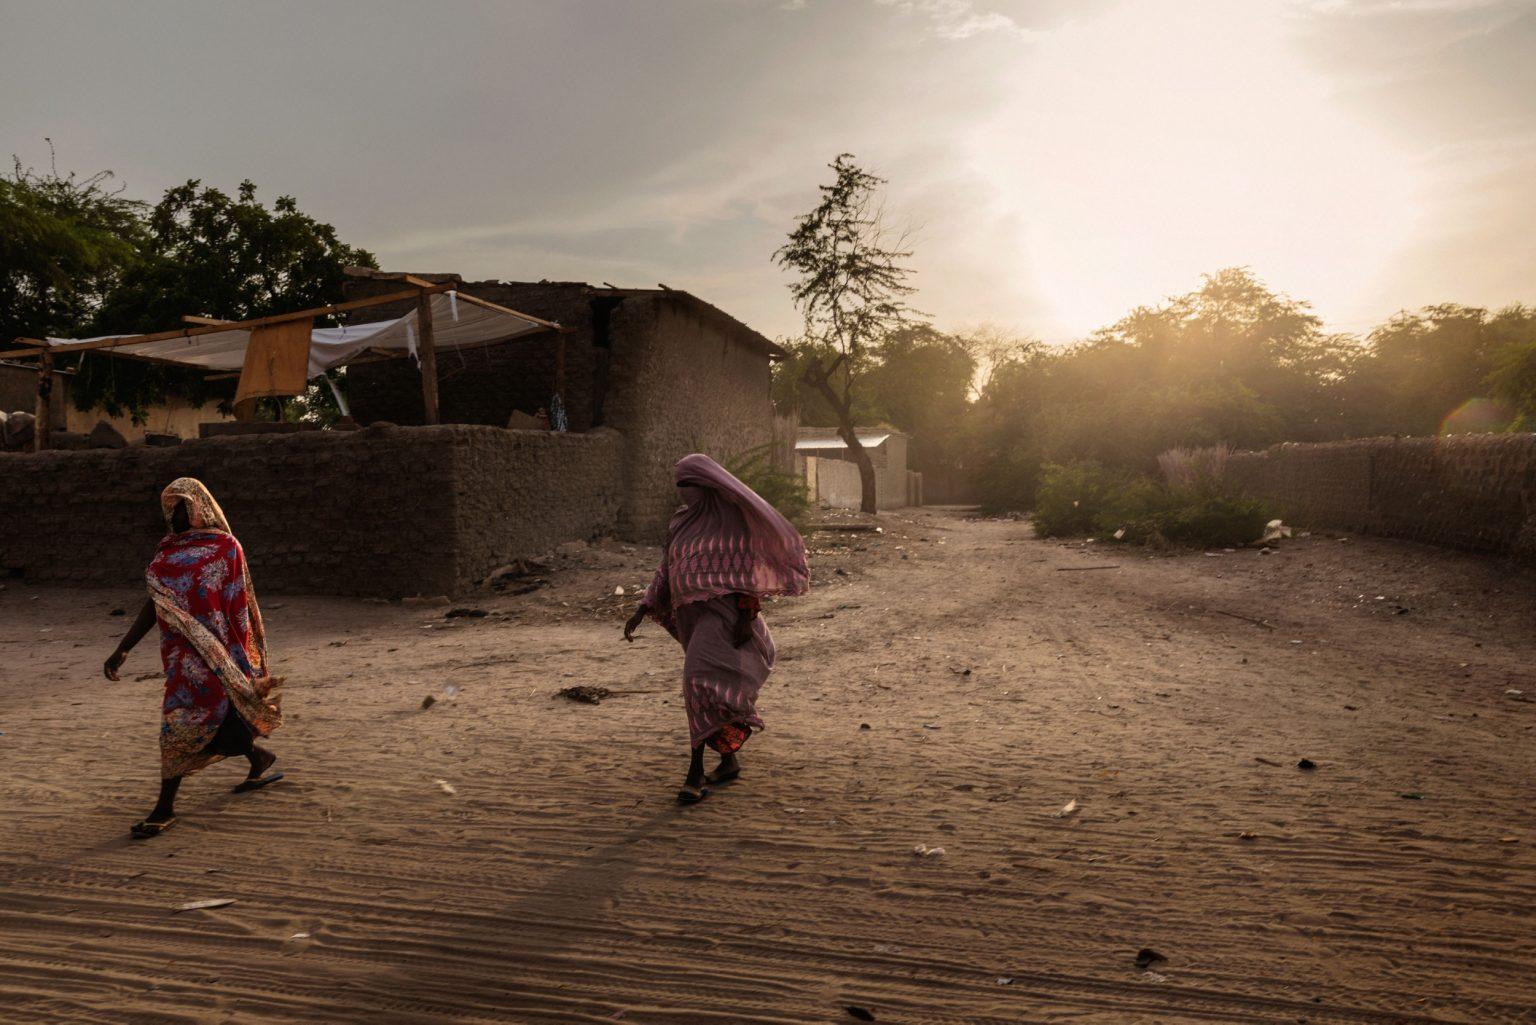 Africa, Chad, Bol, October 2018 - A glimpse of Bol, the capital of the Lac Region. Bol was on the shores of Lake Chad, before it shrunk. >< Africa, Ciad, Bol, Ottobre 2018 - Uno scorcio di Bol, la capitale della Lac Region. Bol era sulle sponde del Lago Ciad, prima che si riducesse.*** SPECIAL   FEE   APPLIES *** *** Local Caption *** 01362891